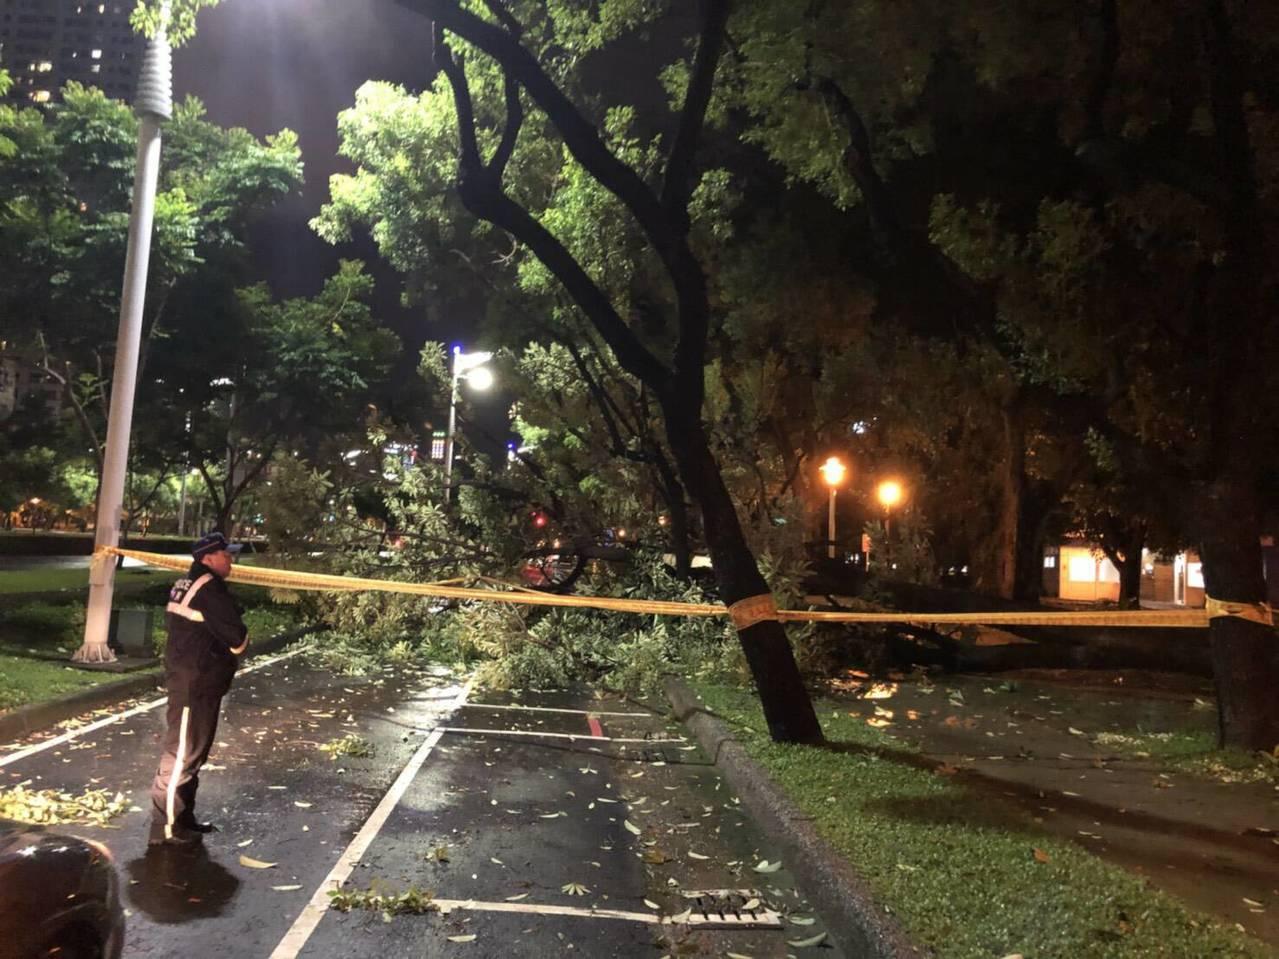 高雄市新興區路樹遭強風吹倒倒,員警在場警戒。記者林保光/翻攝